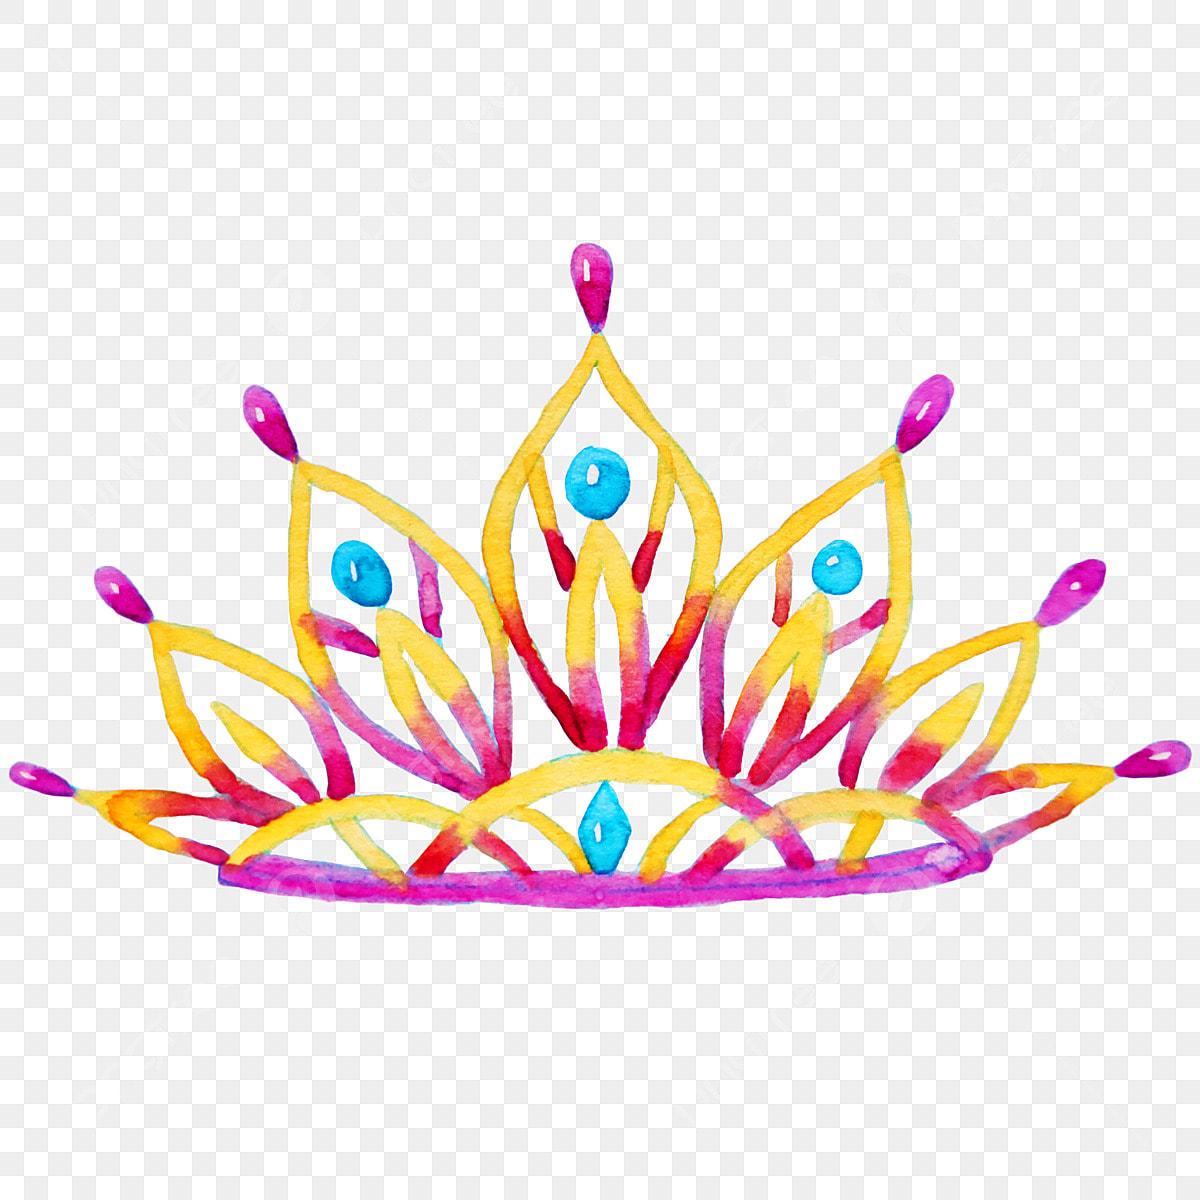 無料ダウンロードのための精美王冠のティアラ 美しい 王冠 ティアラpng